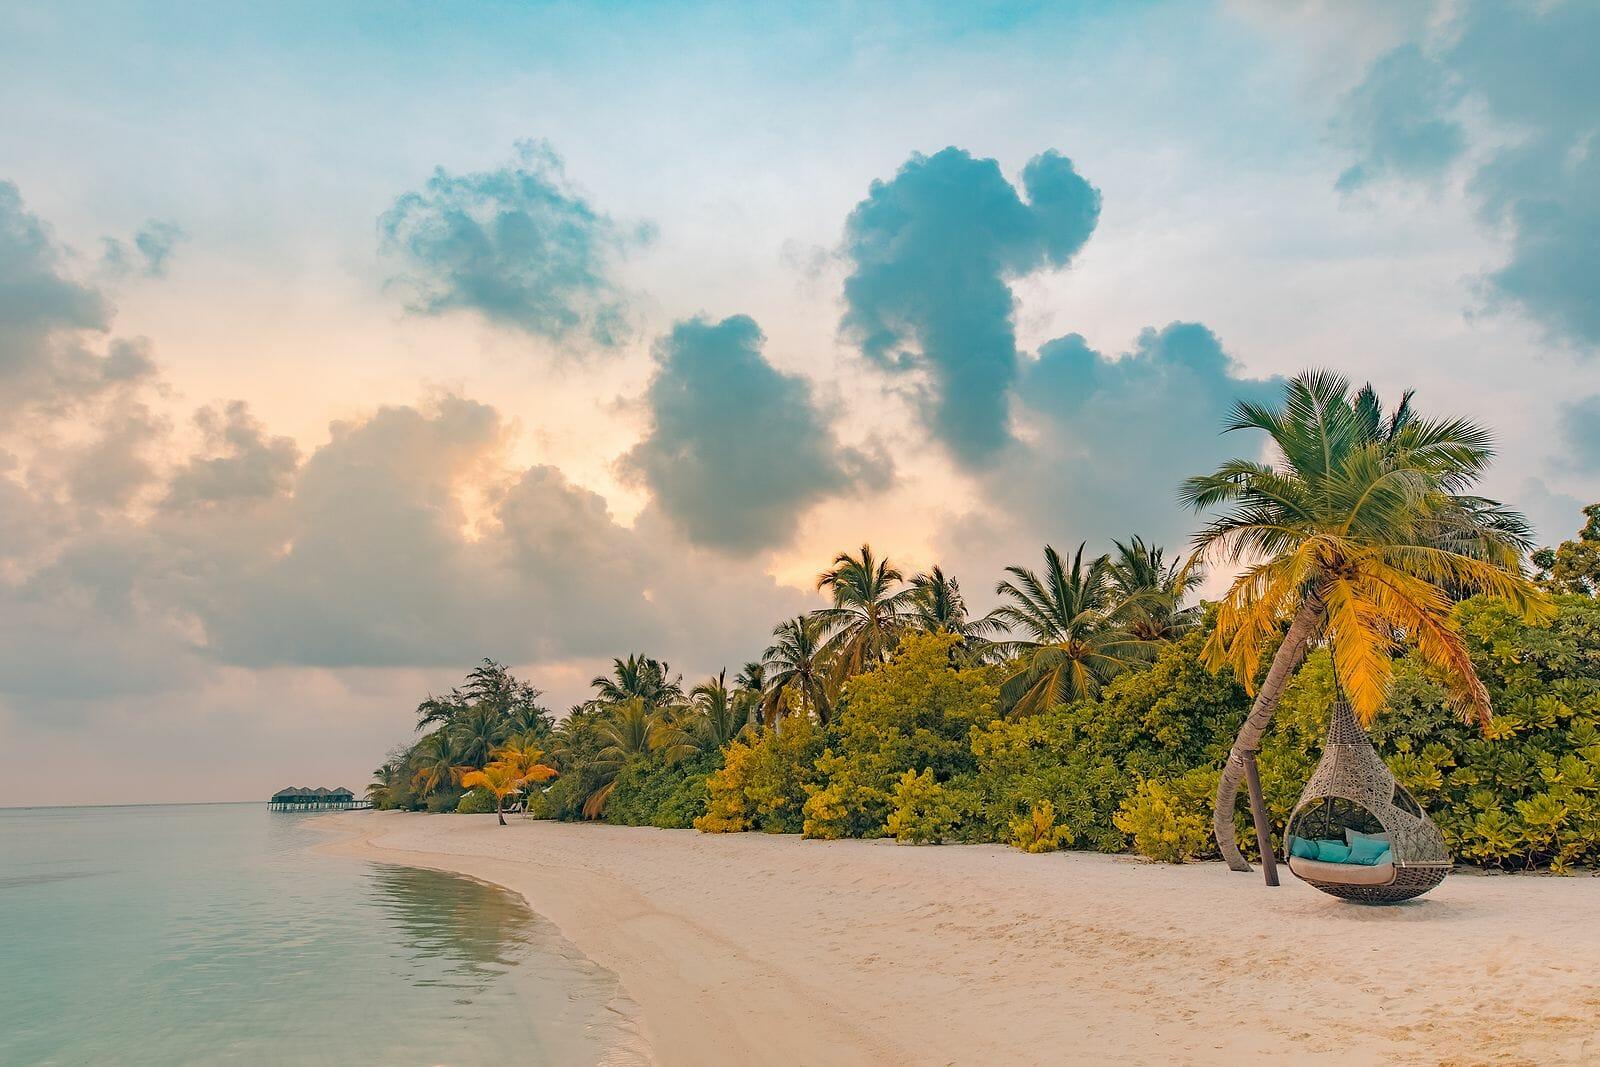 Beach seaside landscape